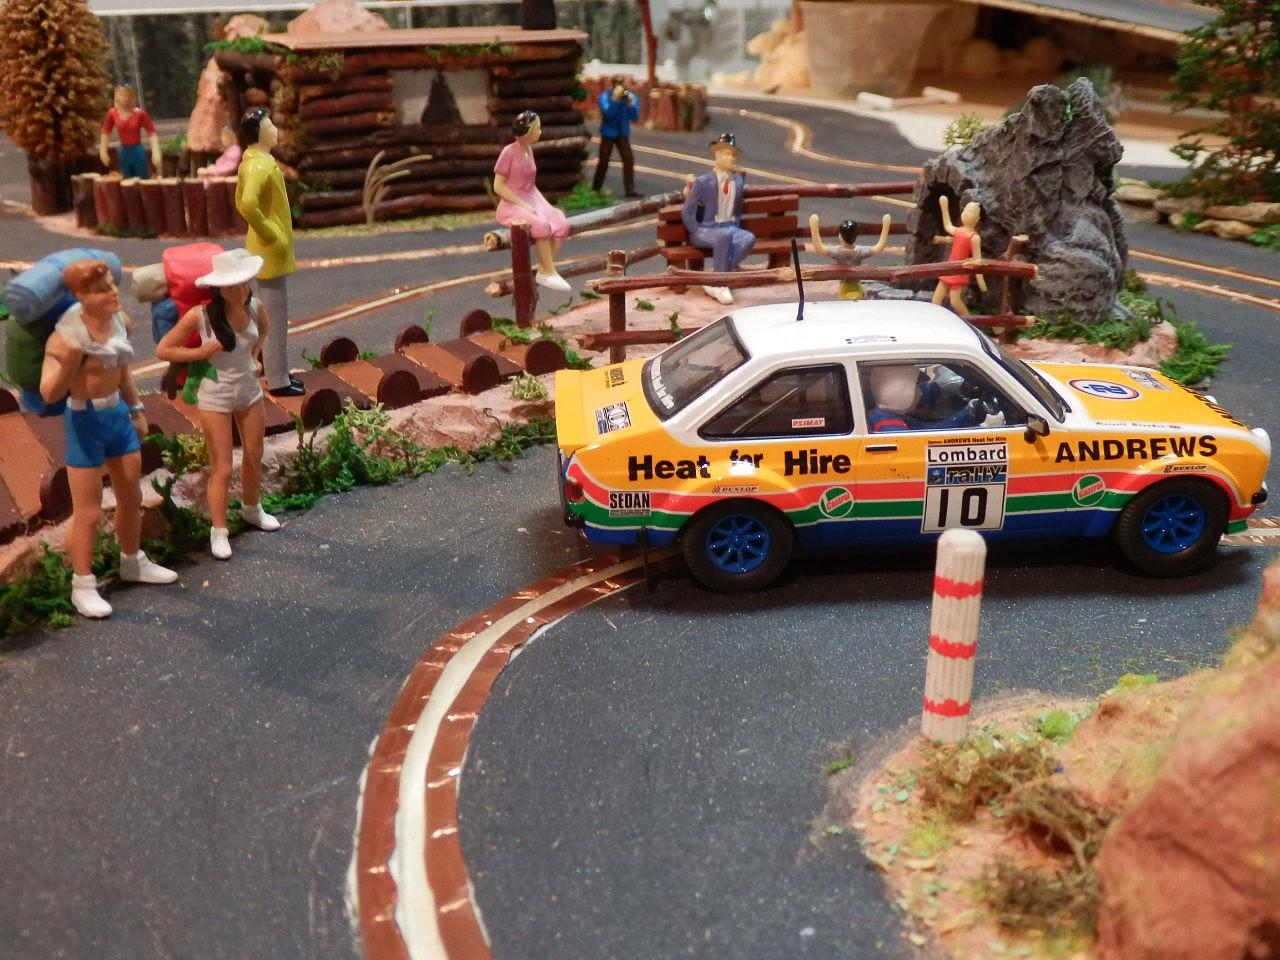 rally - Maqueta de Rally sobre placas de poliestireno  27589AAF512E58754DE22A58754D3C